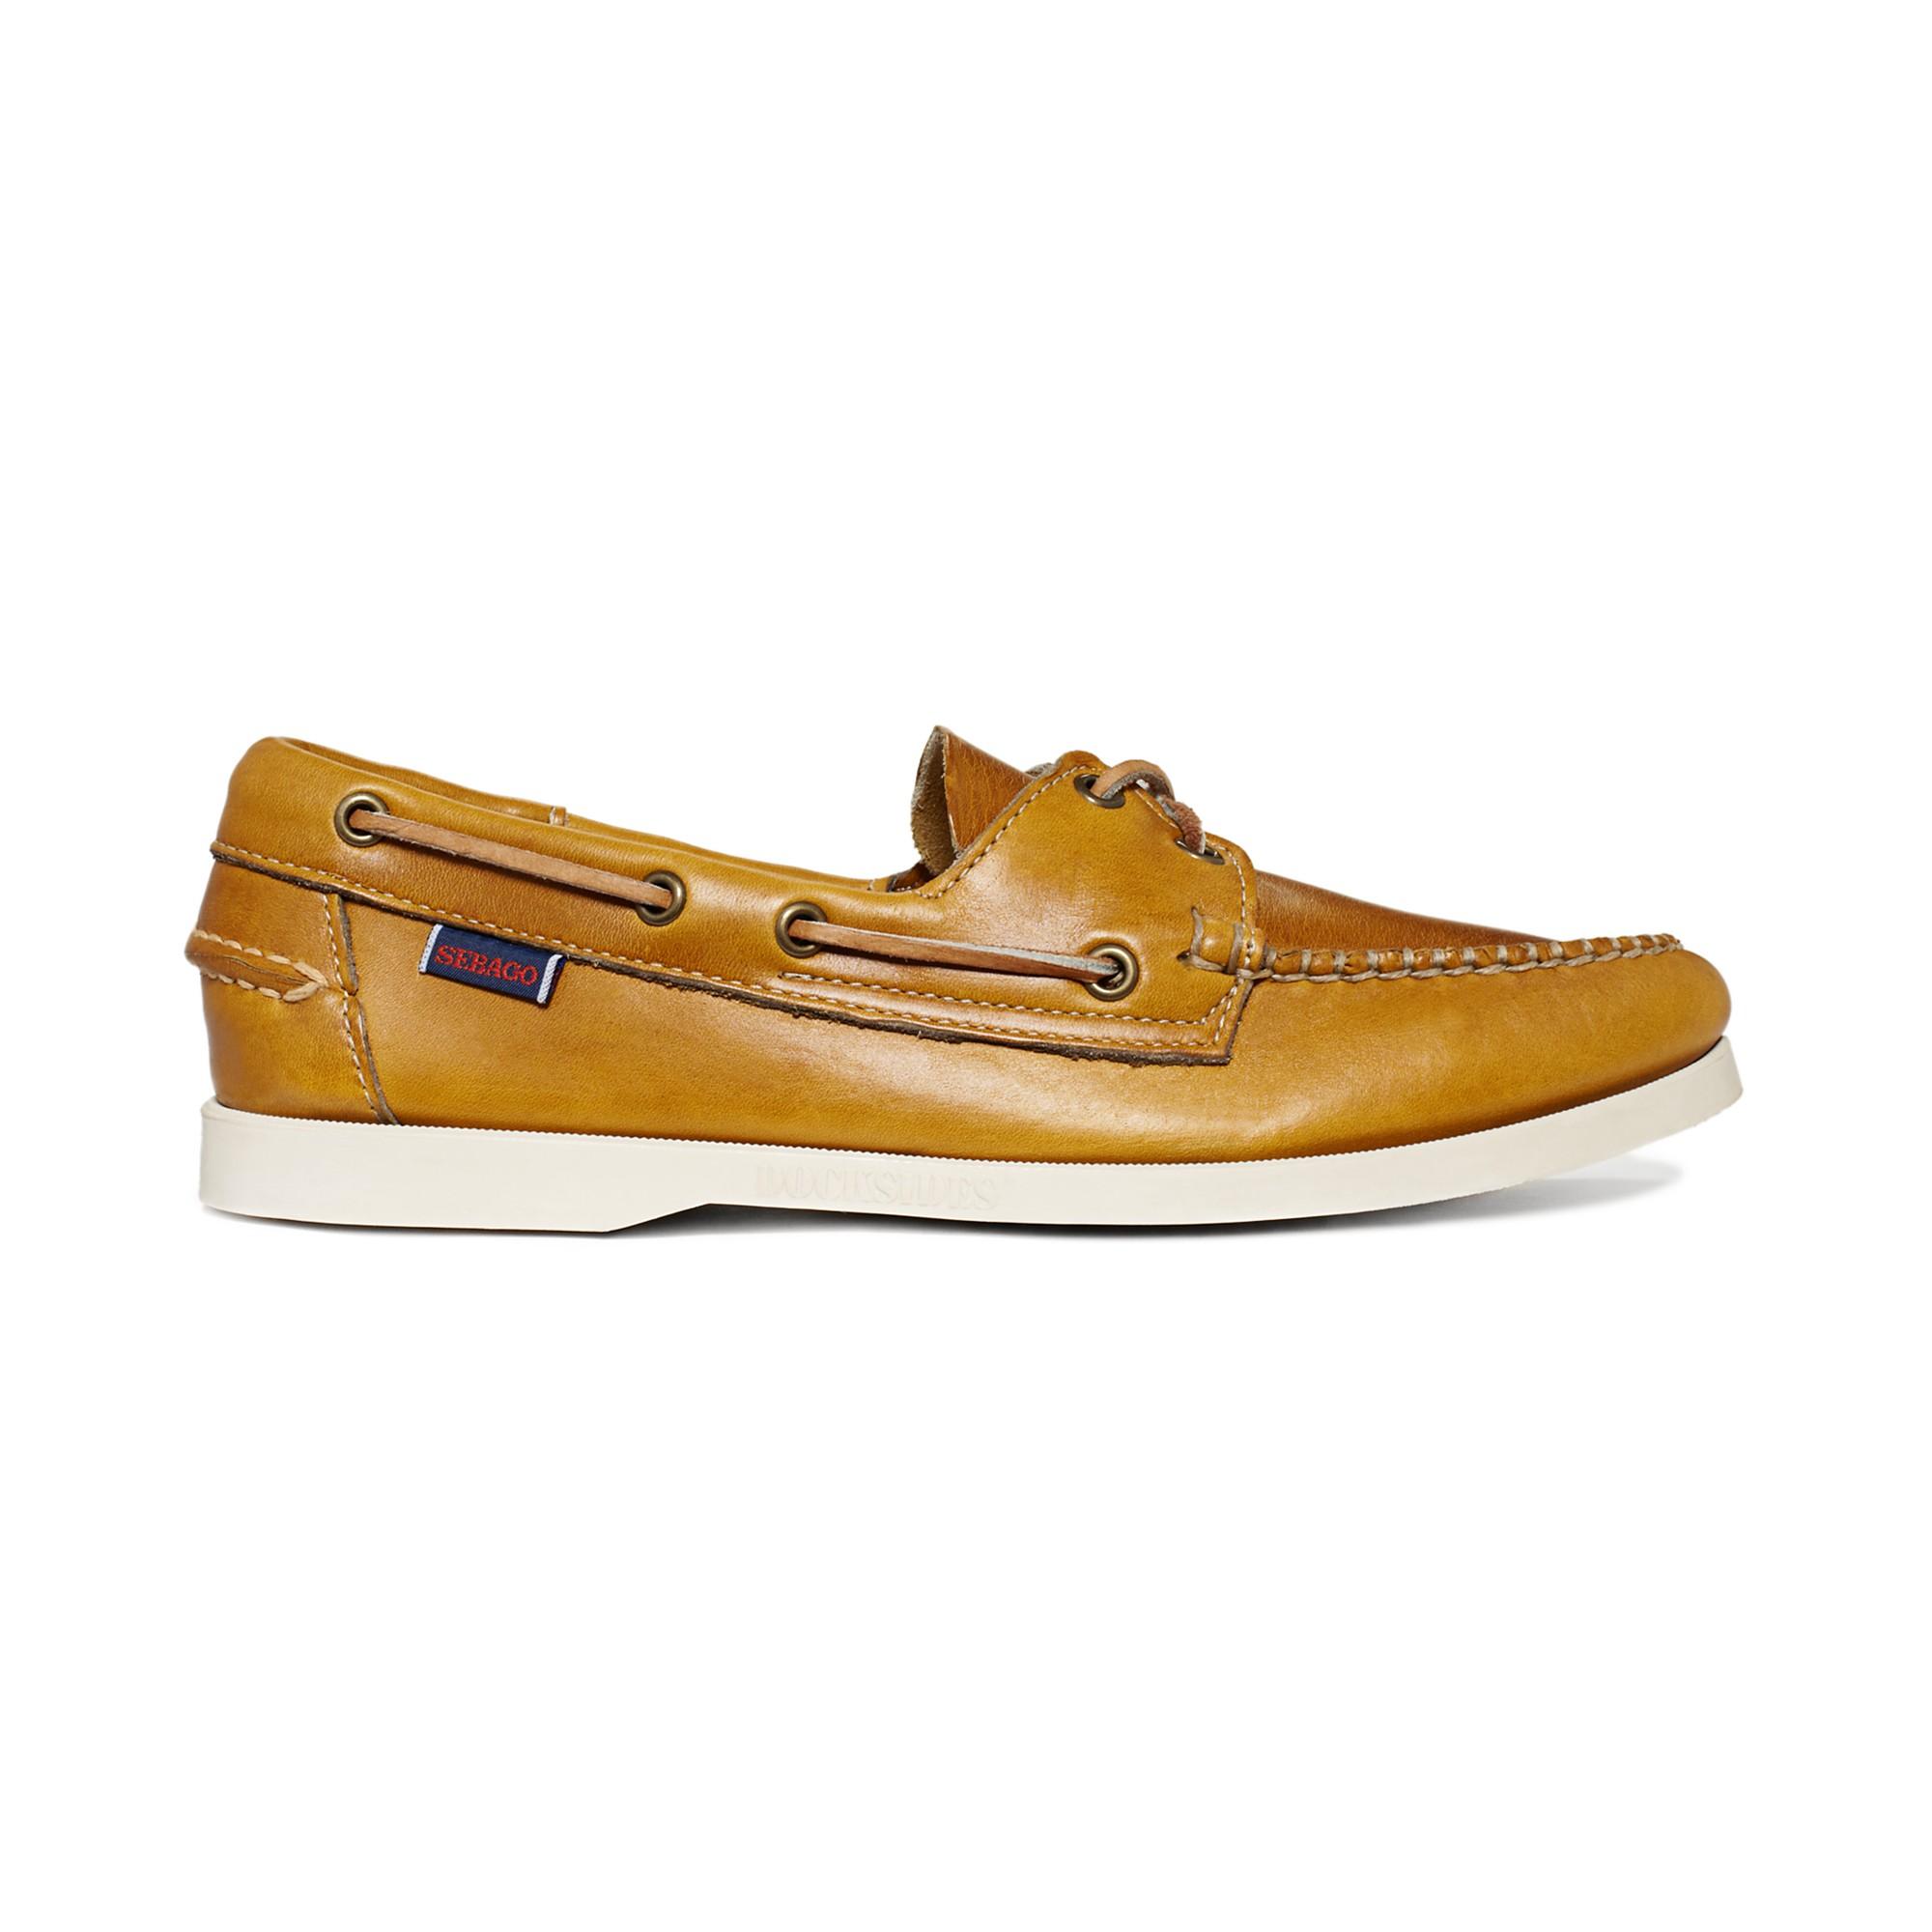 Sebago Boat Shoes Uk